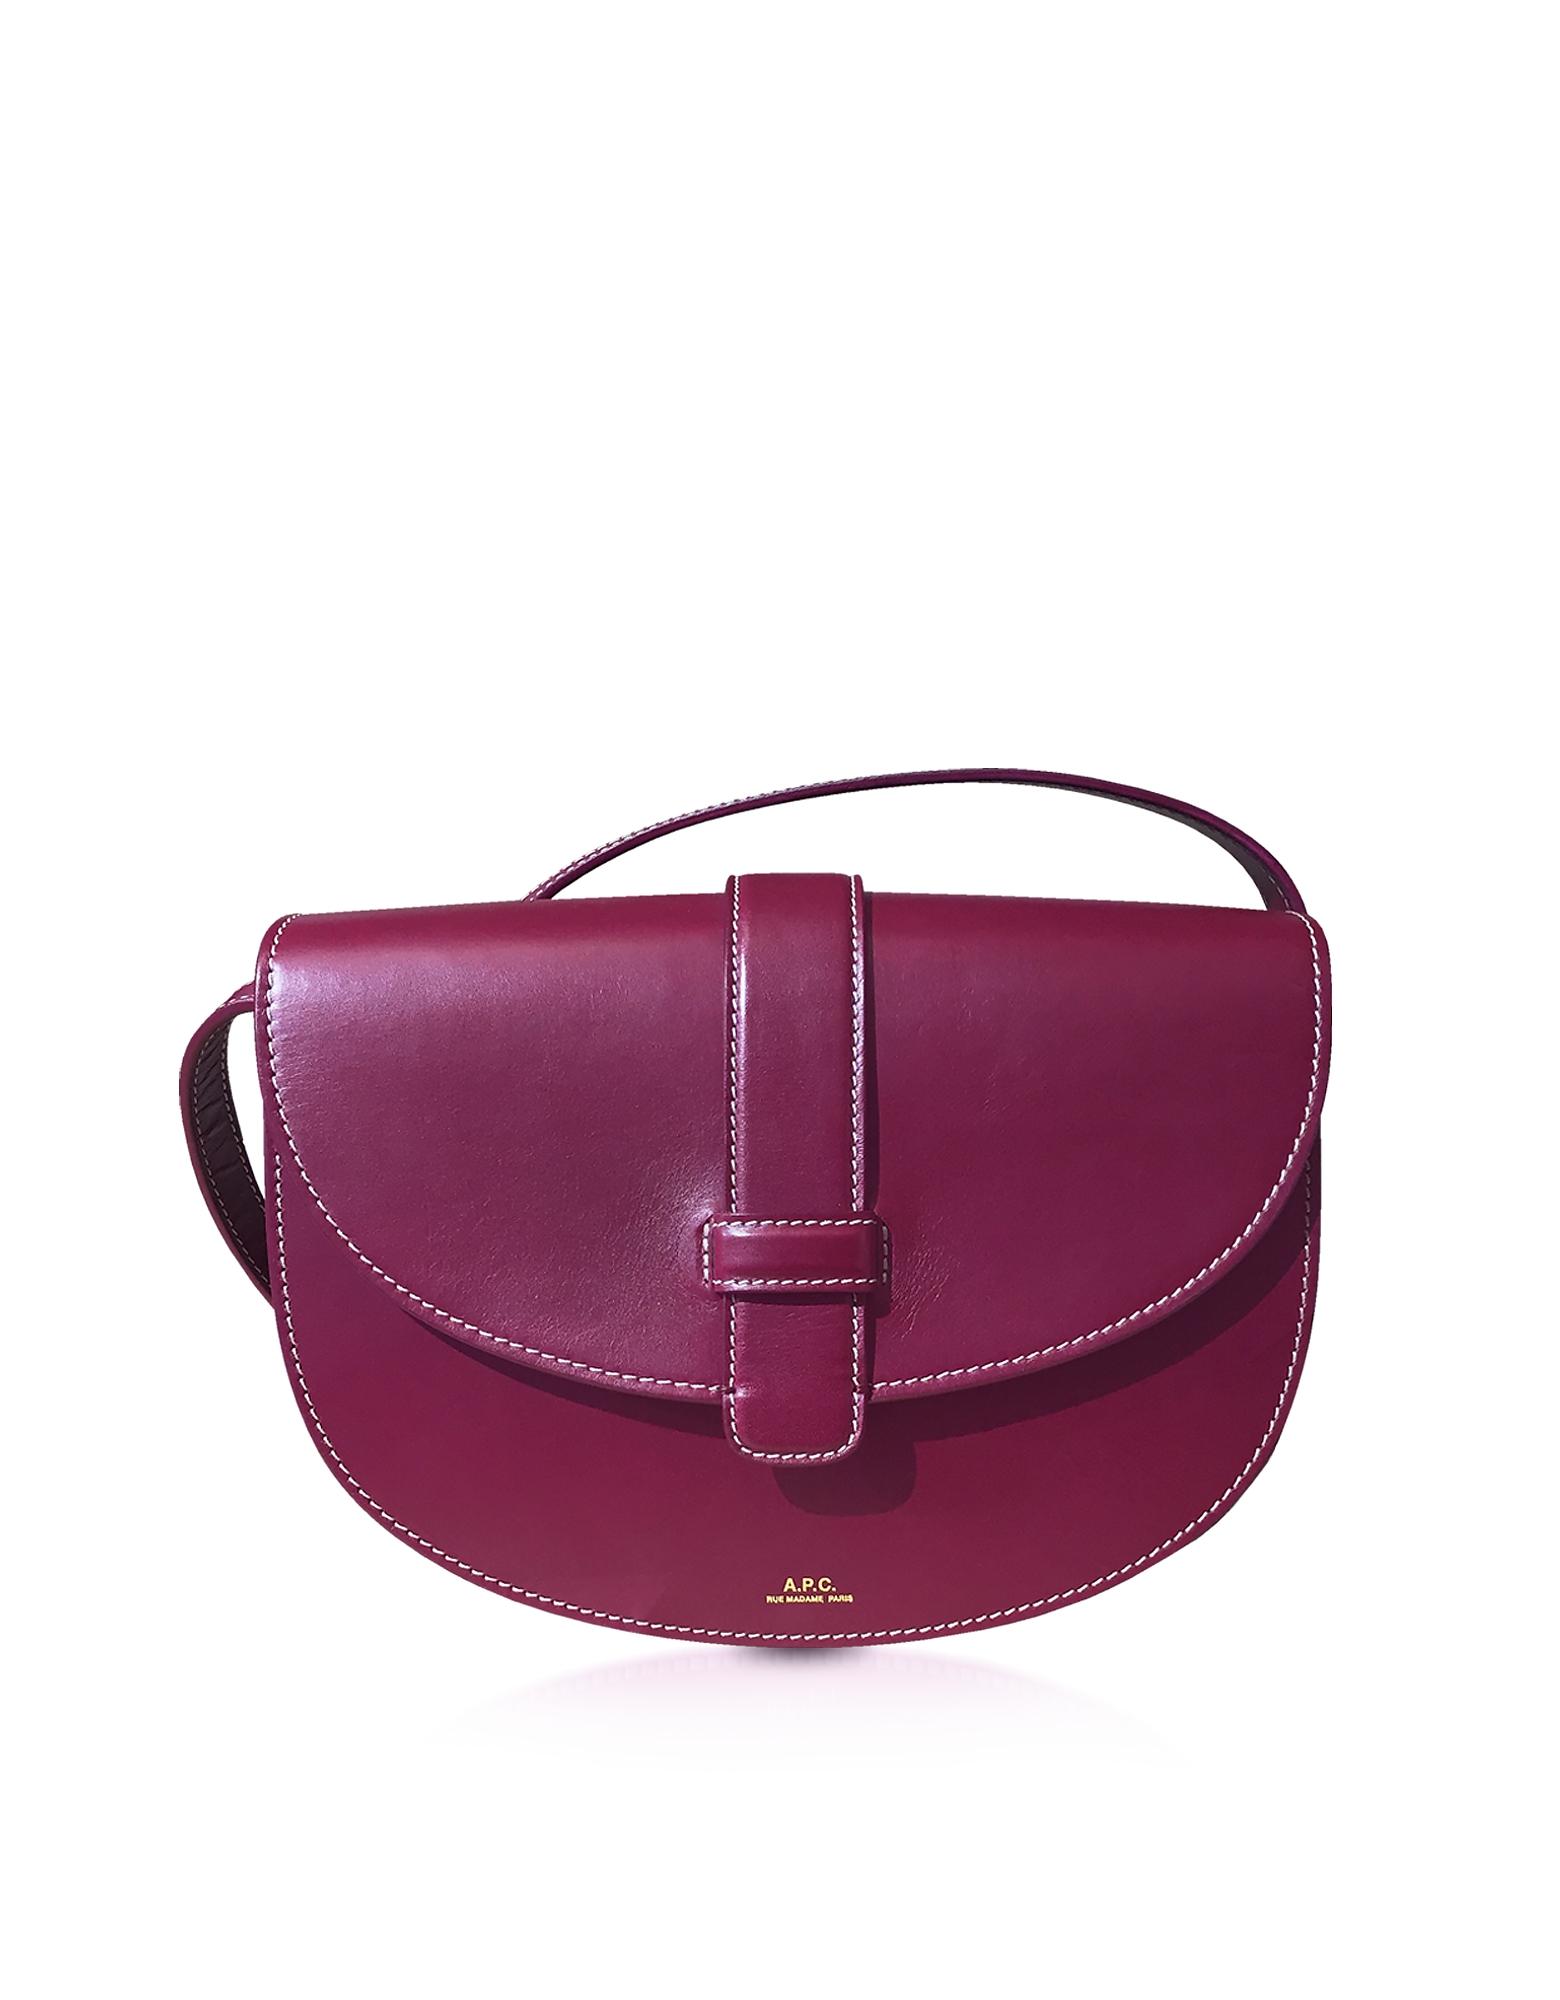 Eloise Genuine Leather Shoulder Bag